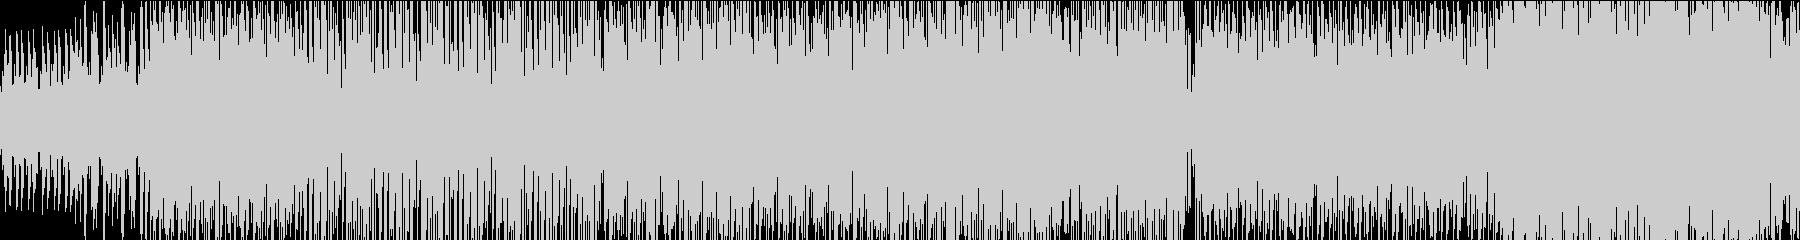 スタイリッシュなトランス風楽曲 ループ可の未再生の波形